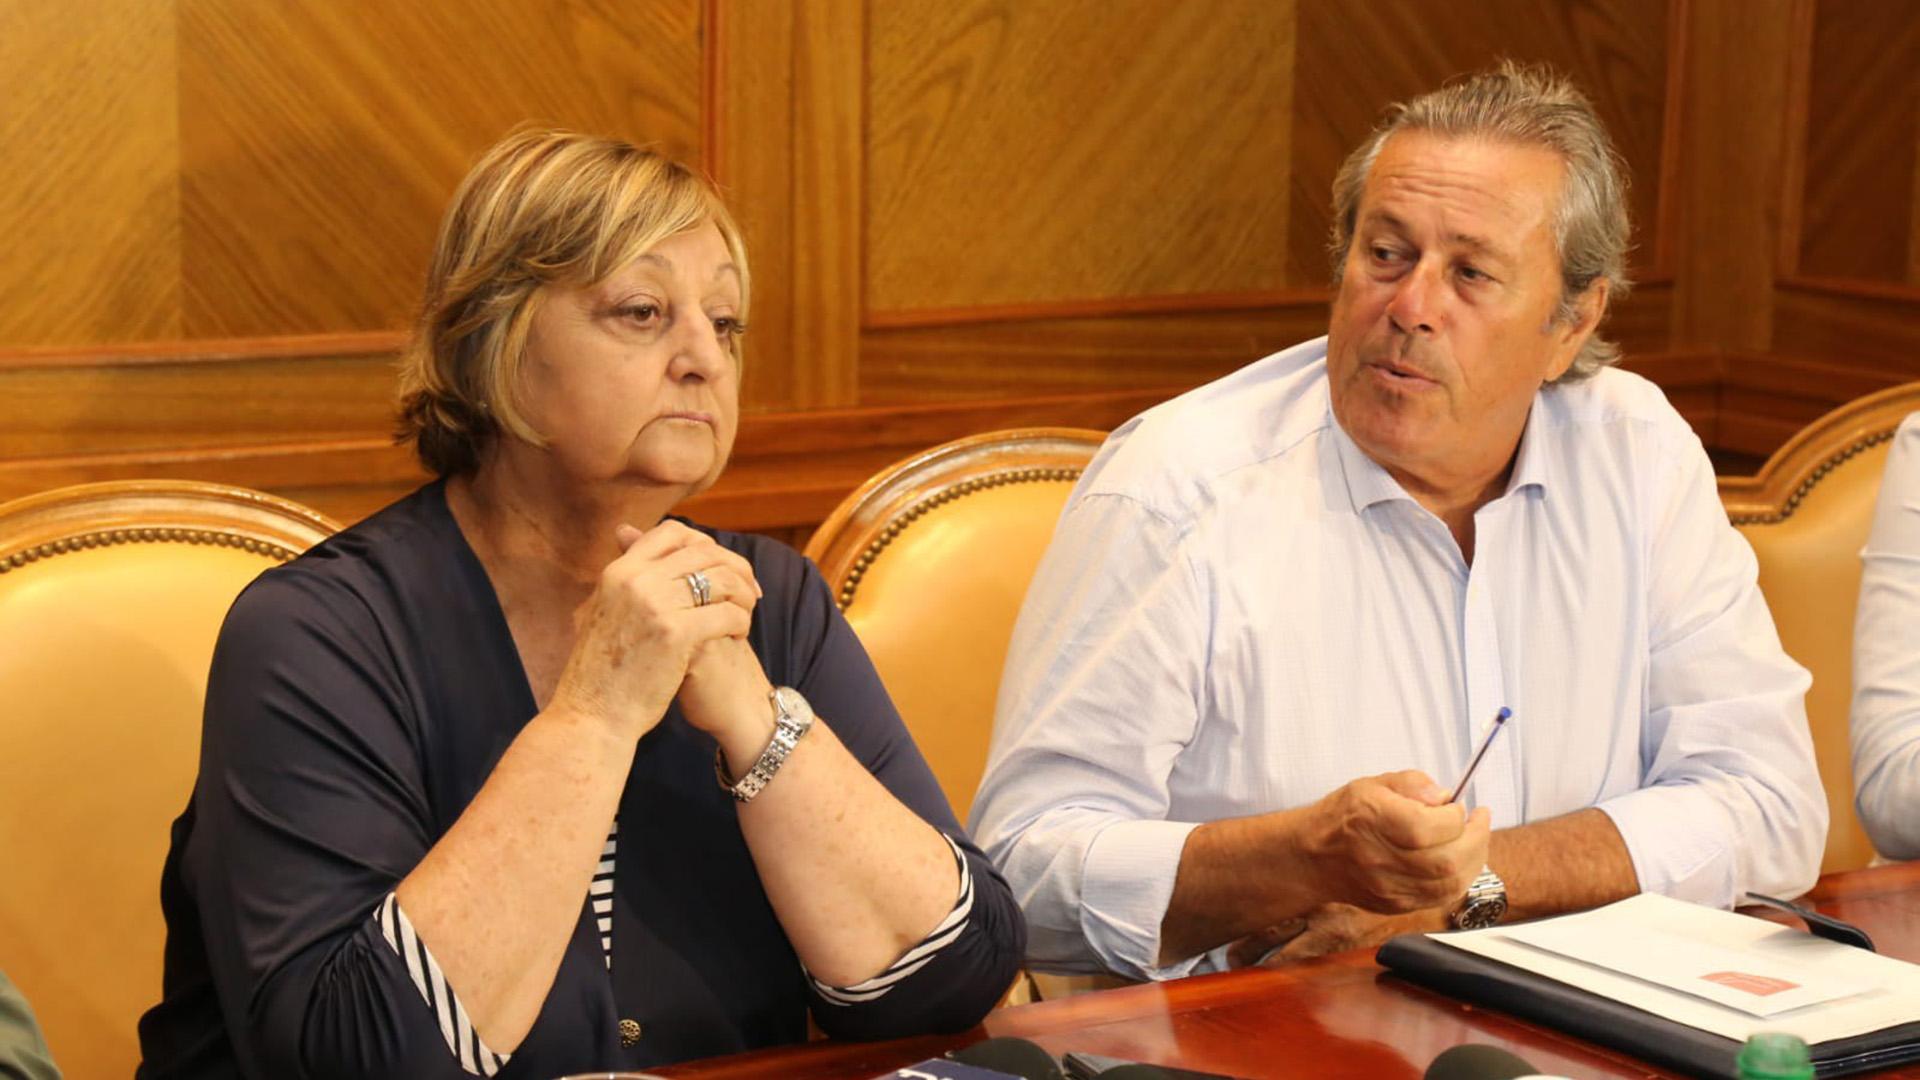 Liliam Kechichián, ministra de Turismo, y Enrique Antía, Indentende de Maldonado, en la reunión donde trataron la preocupación por precios remarcados